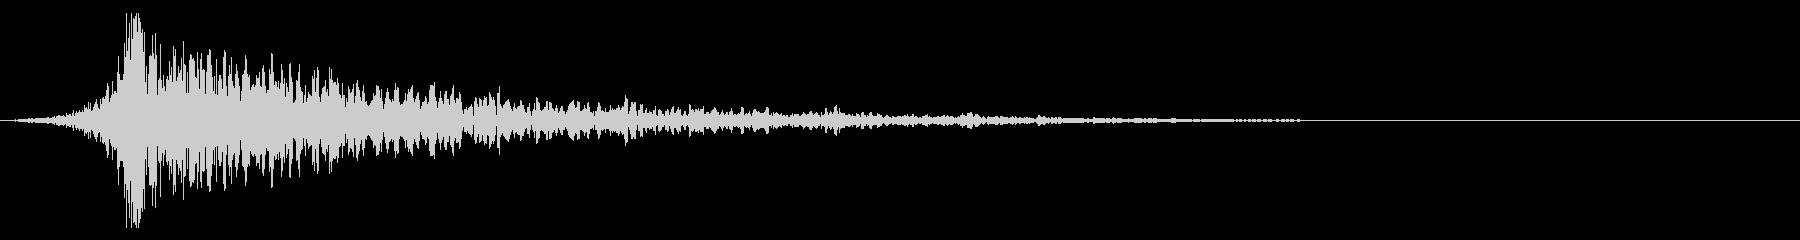 シュードーン-32-1(インパクト音)の未再生の波形